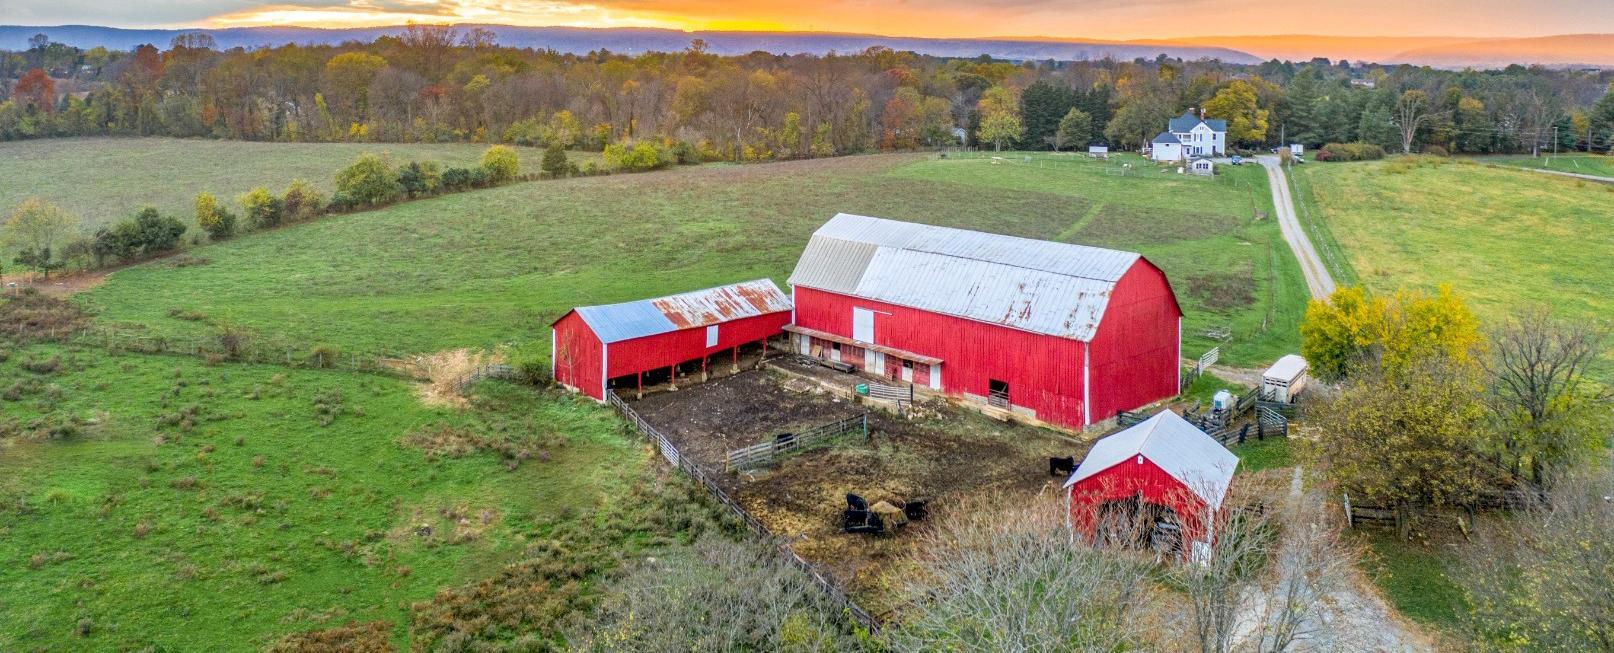 Bradley and Jean Karmen's farm in Lovettsville VA